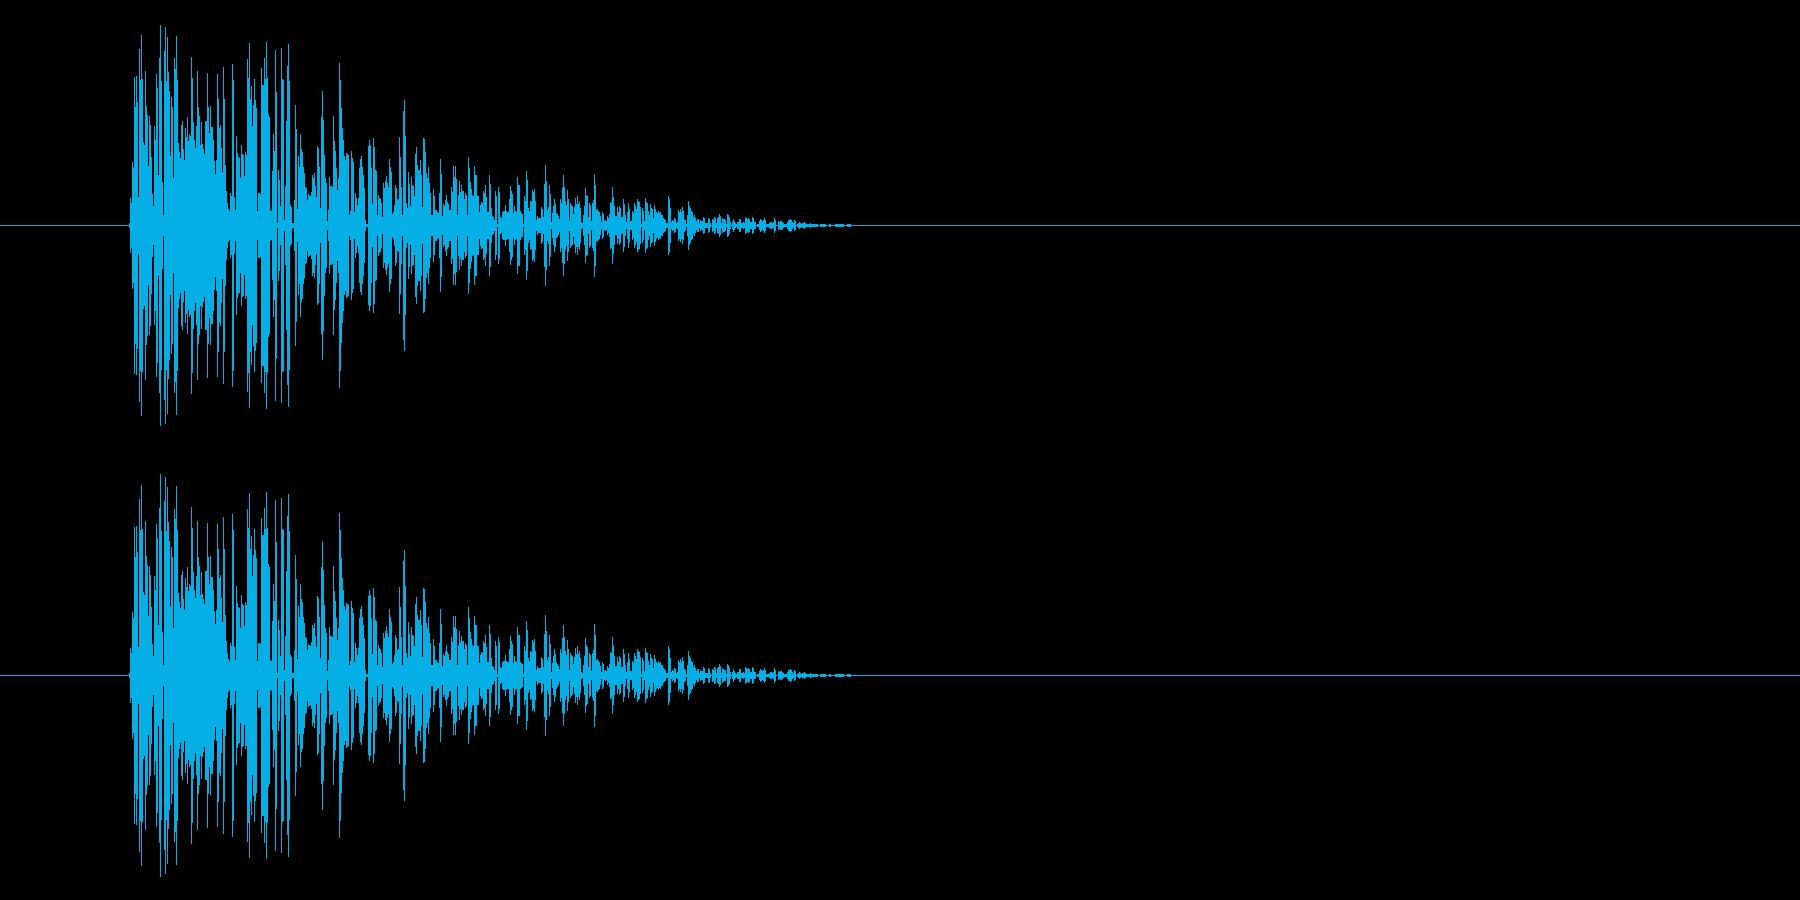 【NES RPG01-14(扉)】の再生済みの波形